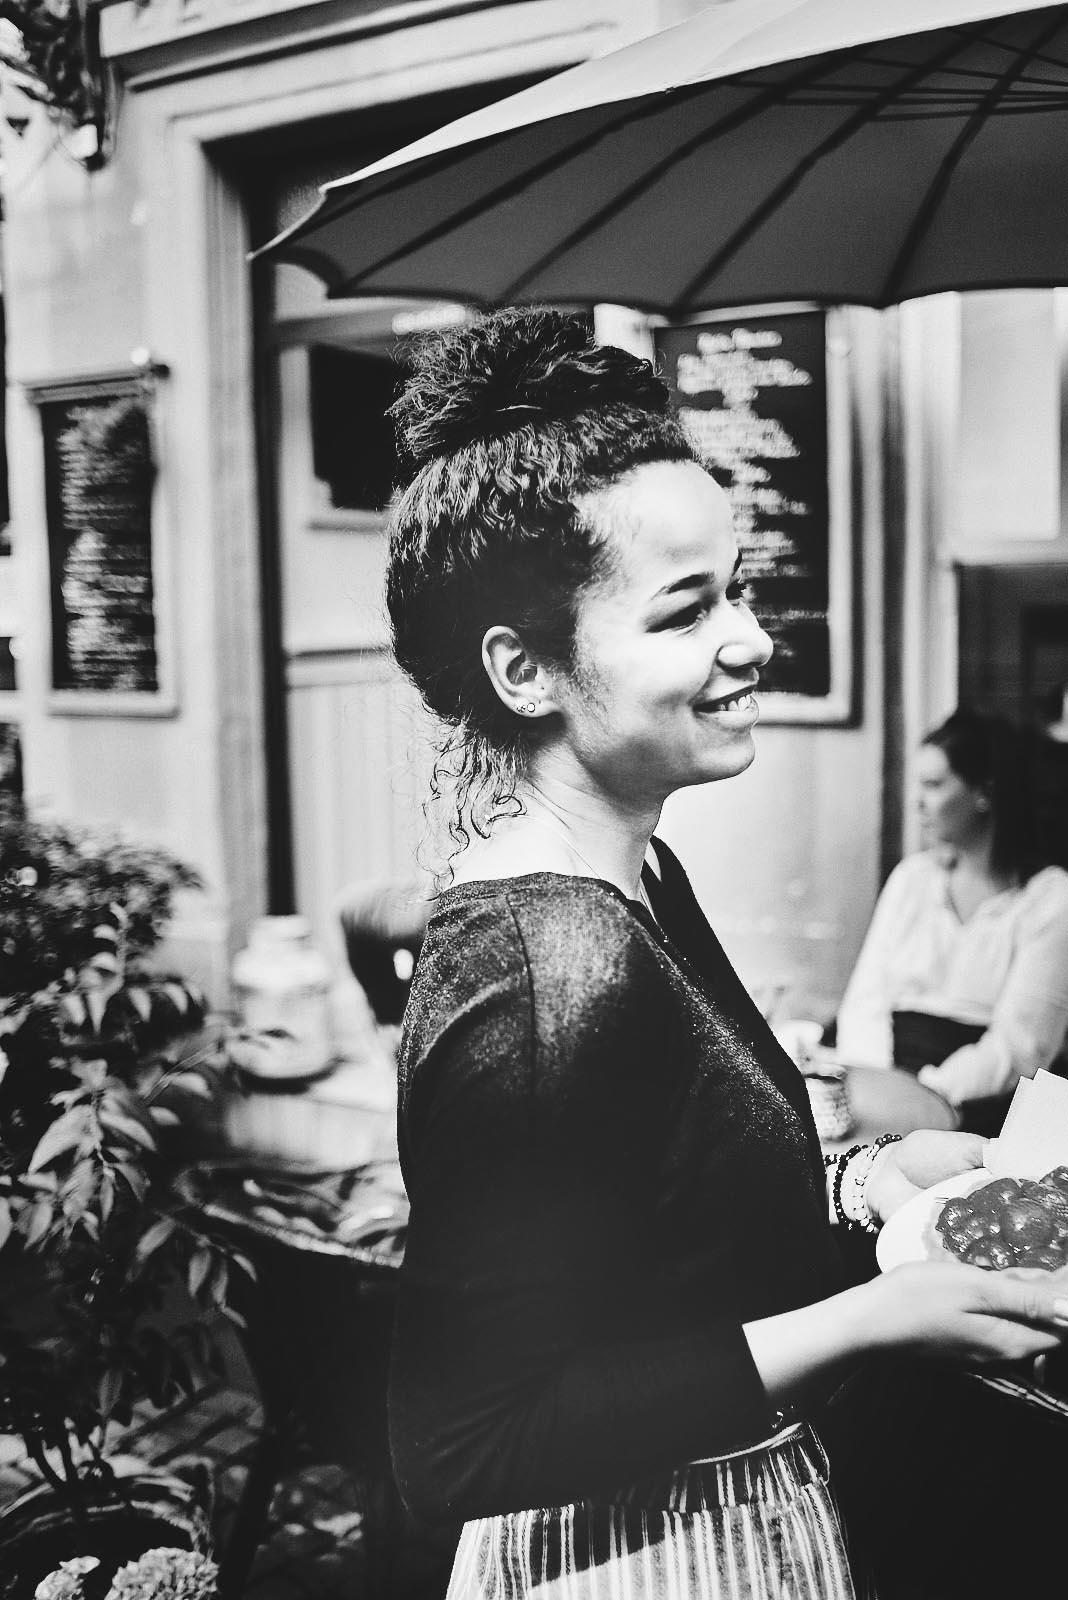 Portraitfoto Kellnerin im Cafe Pfefferminzje in Koblenz - moderne Imagefotografie von Anna Schneider neon fotografie